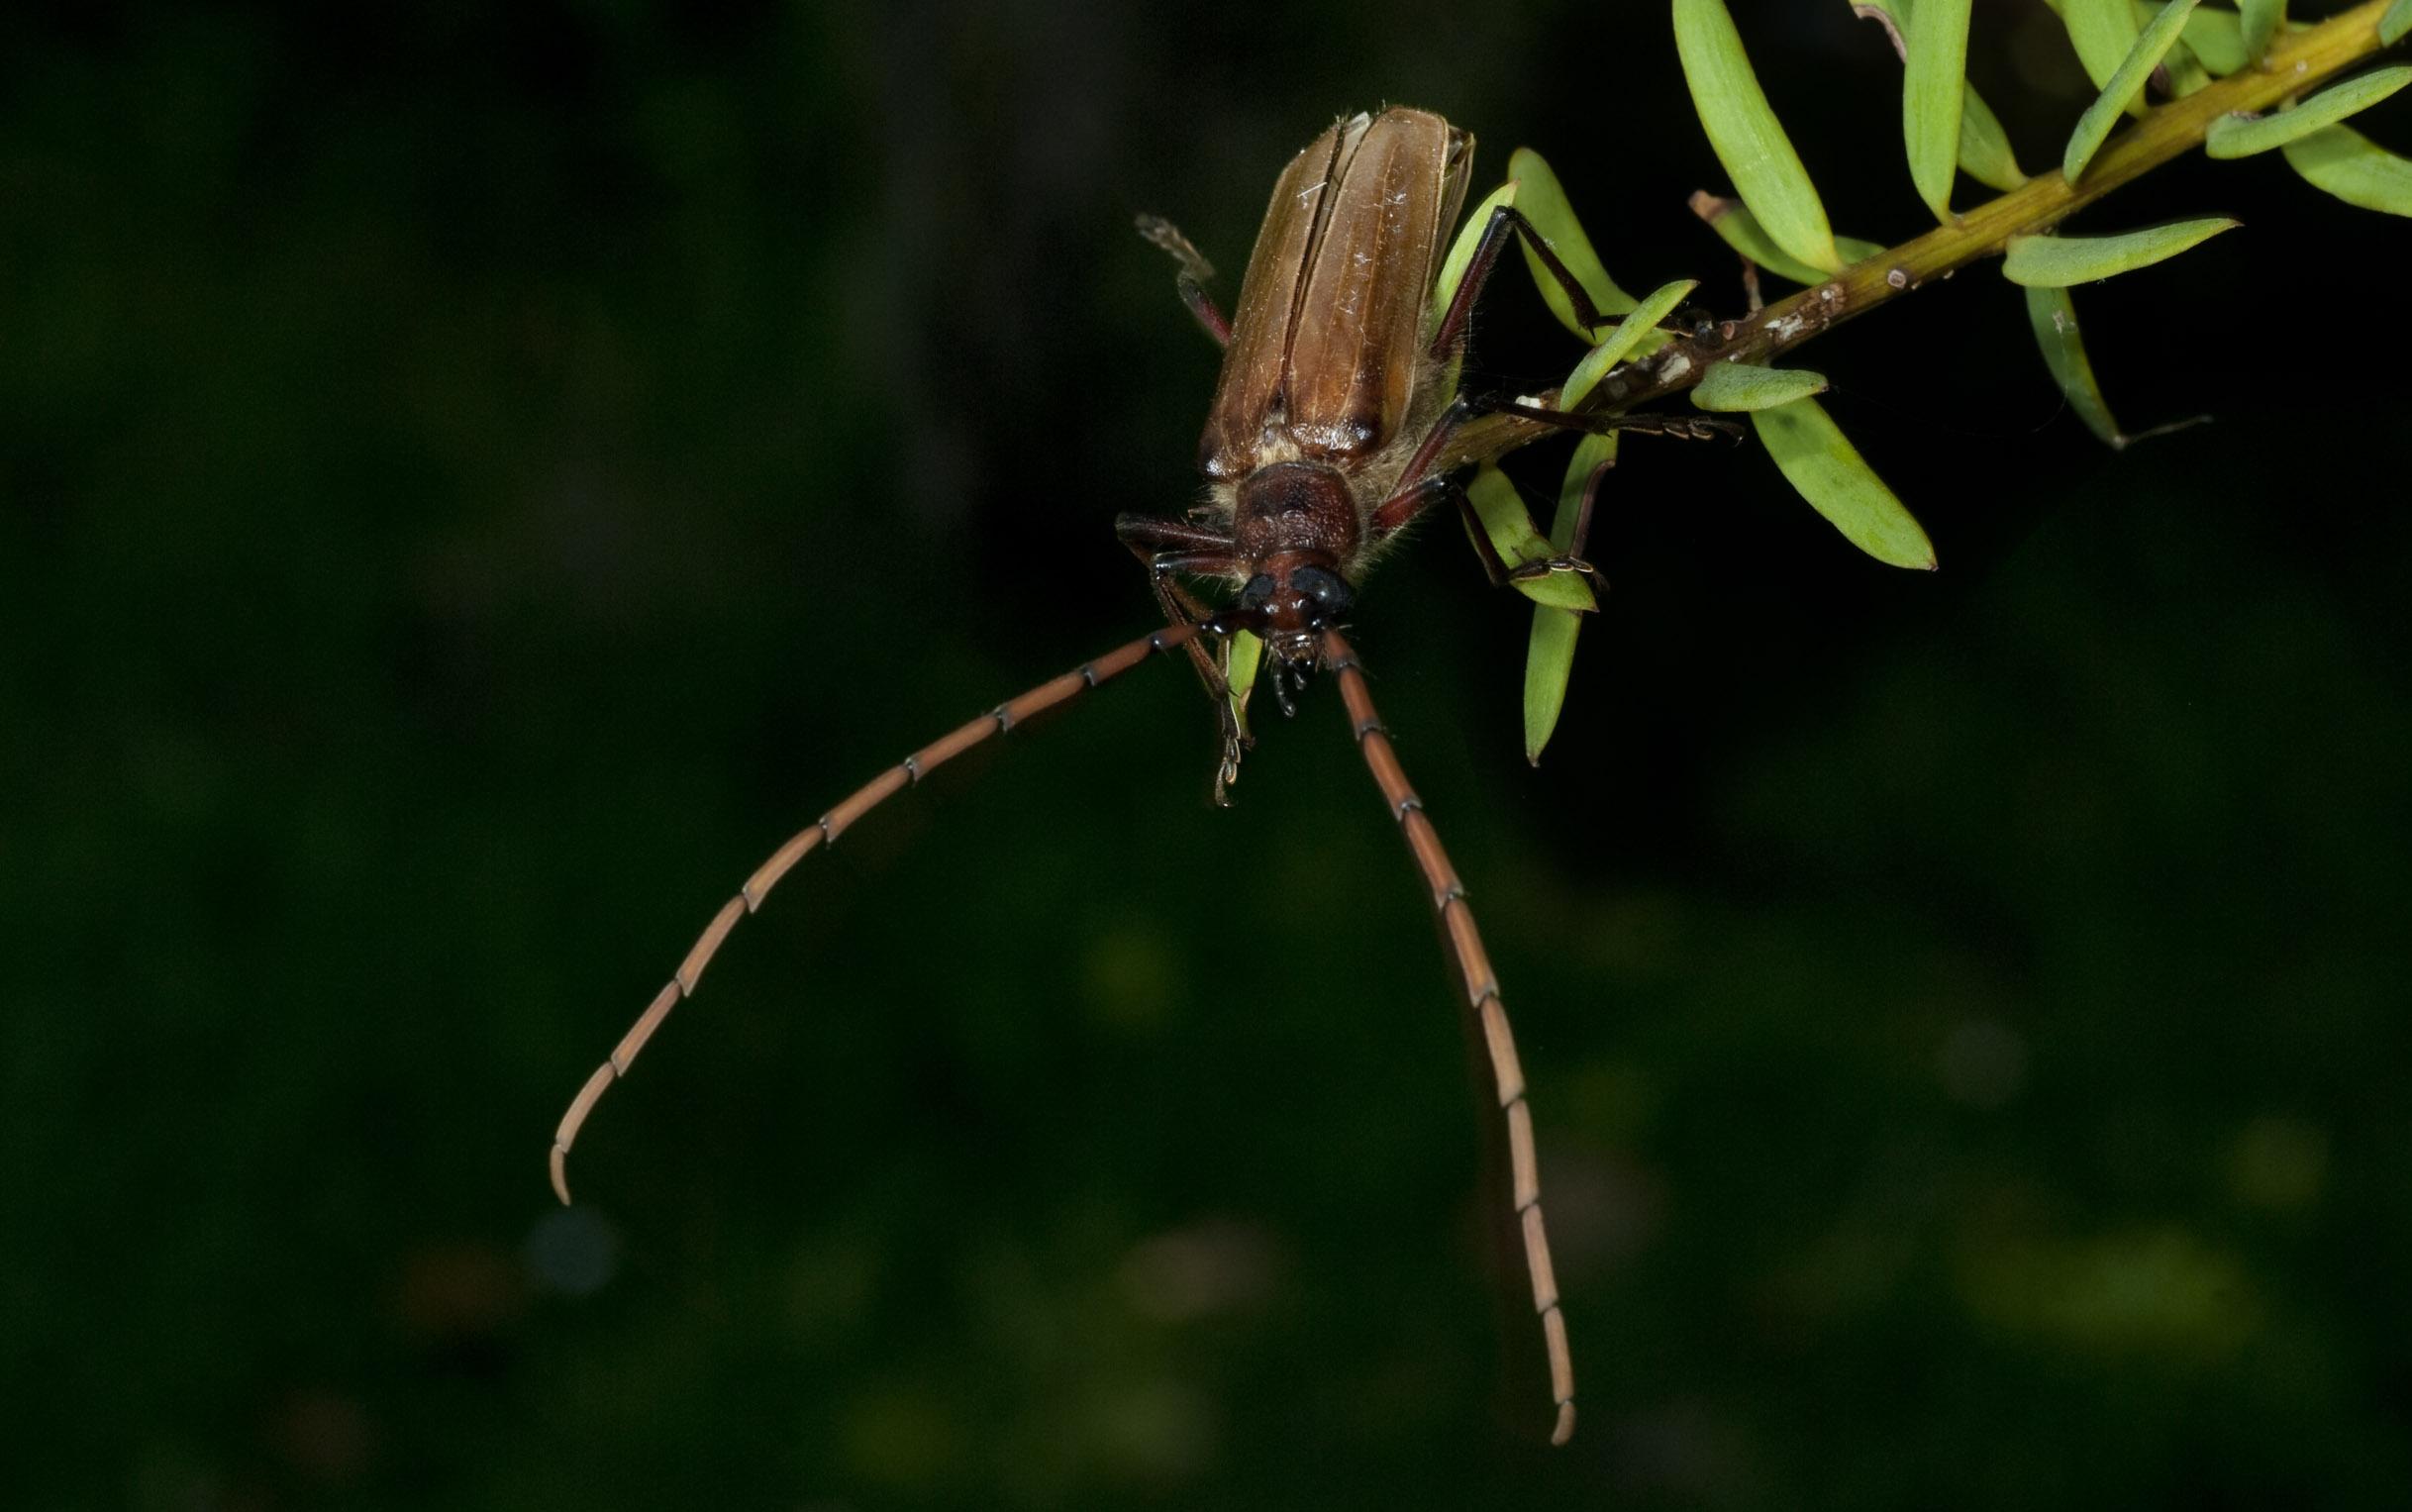 longhorn_beetle_20090126_Ruakuri_Cave_NZ.jpg